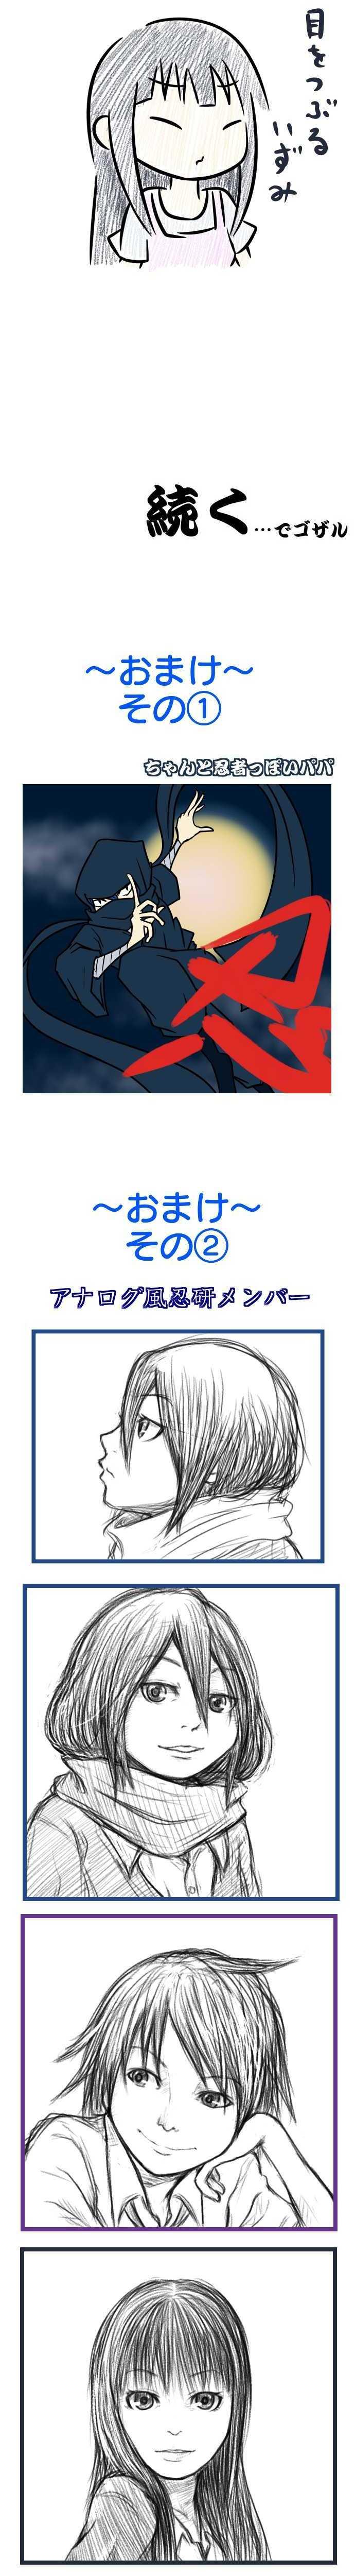 50術目:忍ぶ合宿(其の弐)